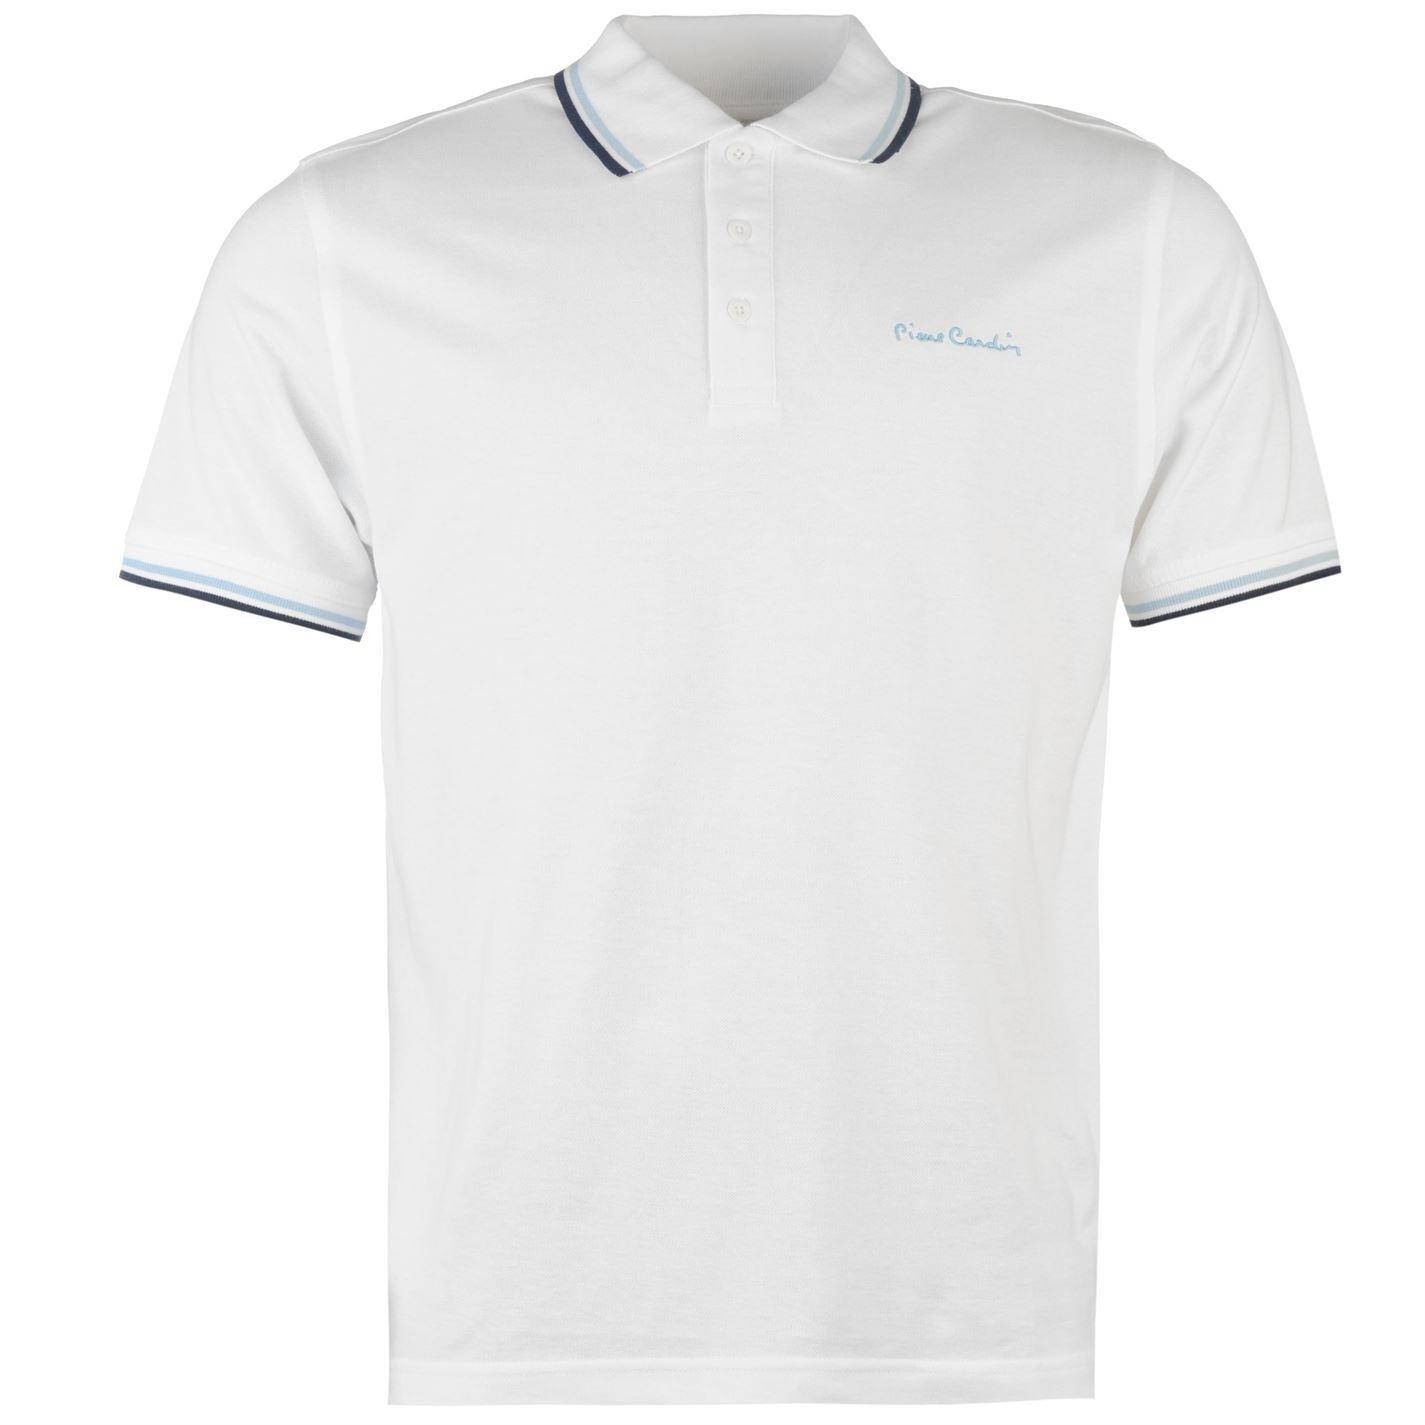 Pierre Cardin Tipped polo camiseta para hombre camiseta blanca Top ...